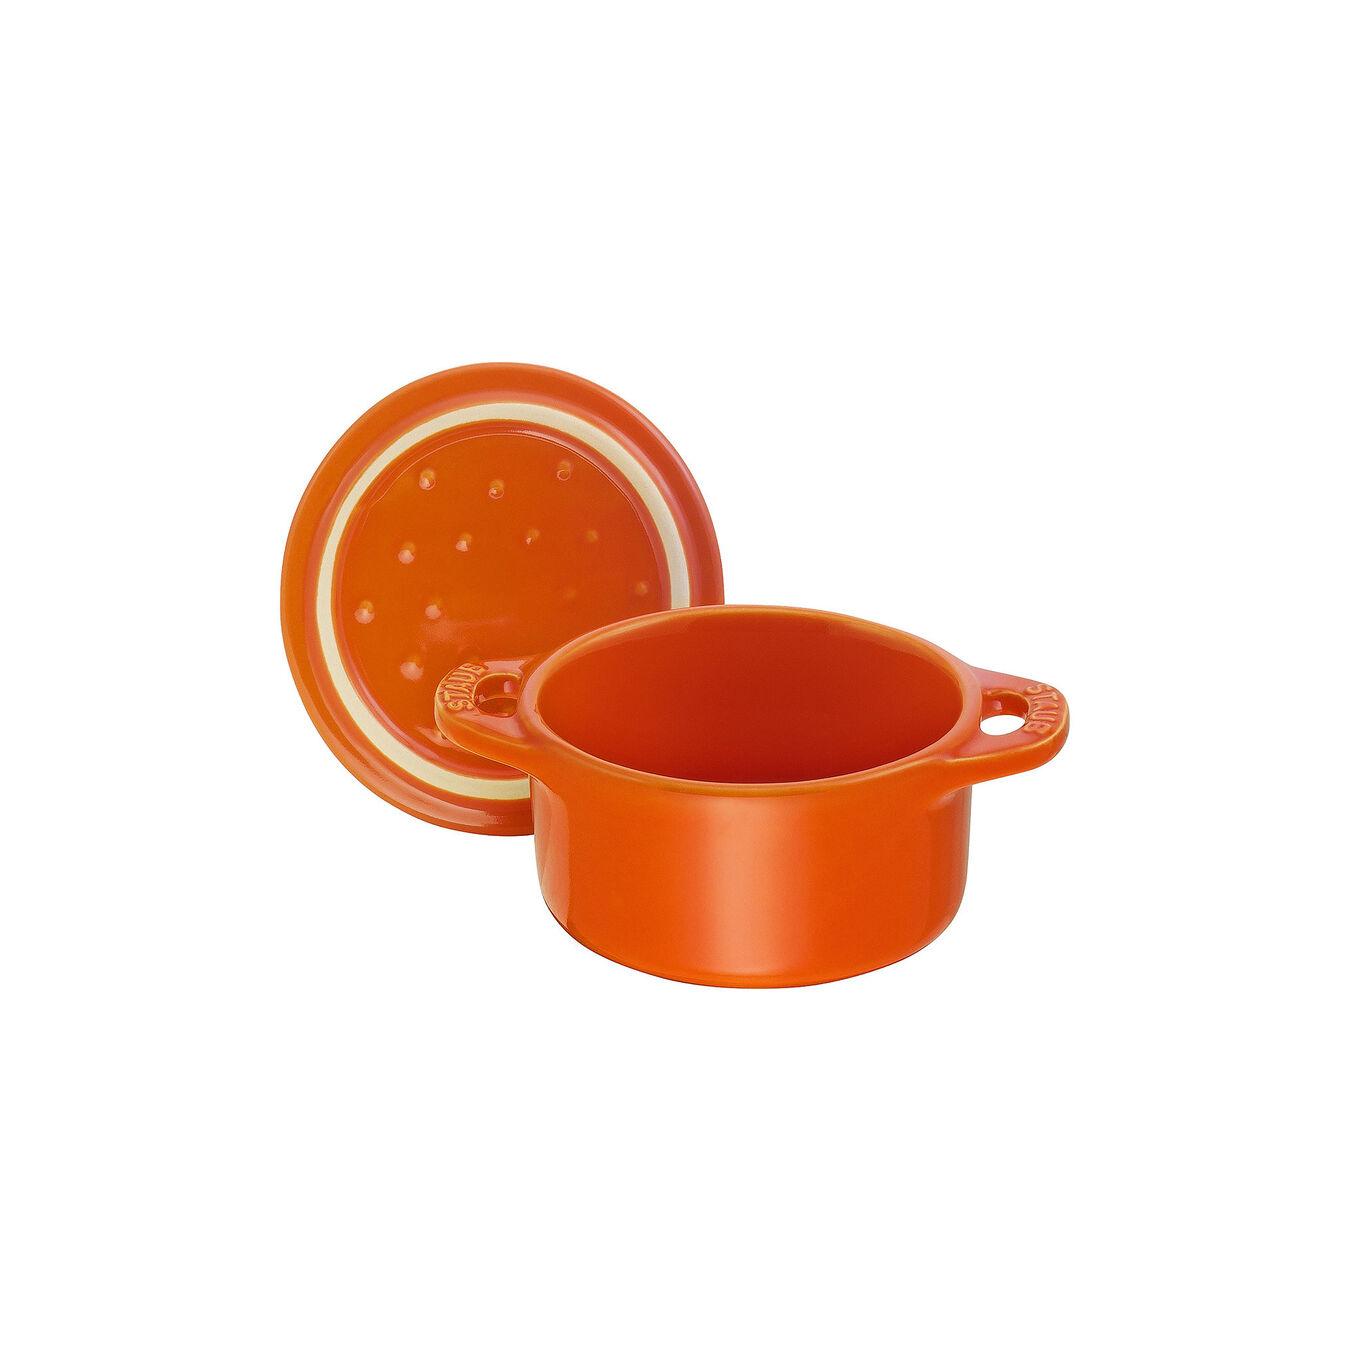 Mini Cocotte 10 cm, Rond(e), Orange, Céramique,,large 6